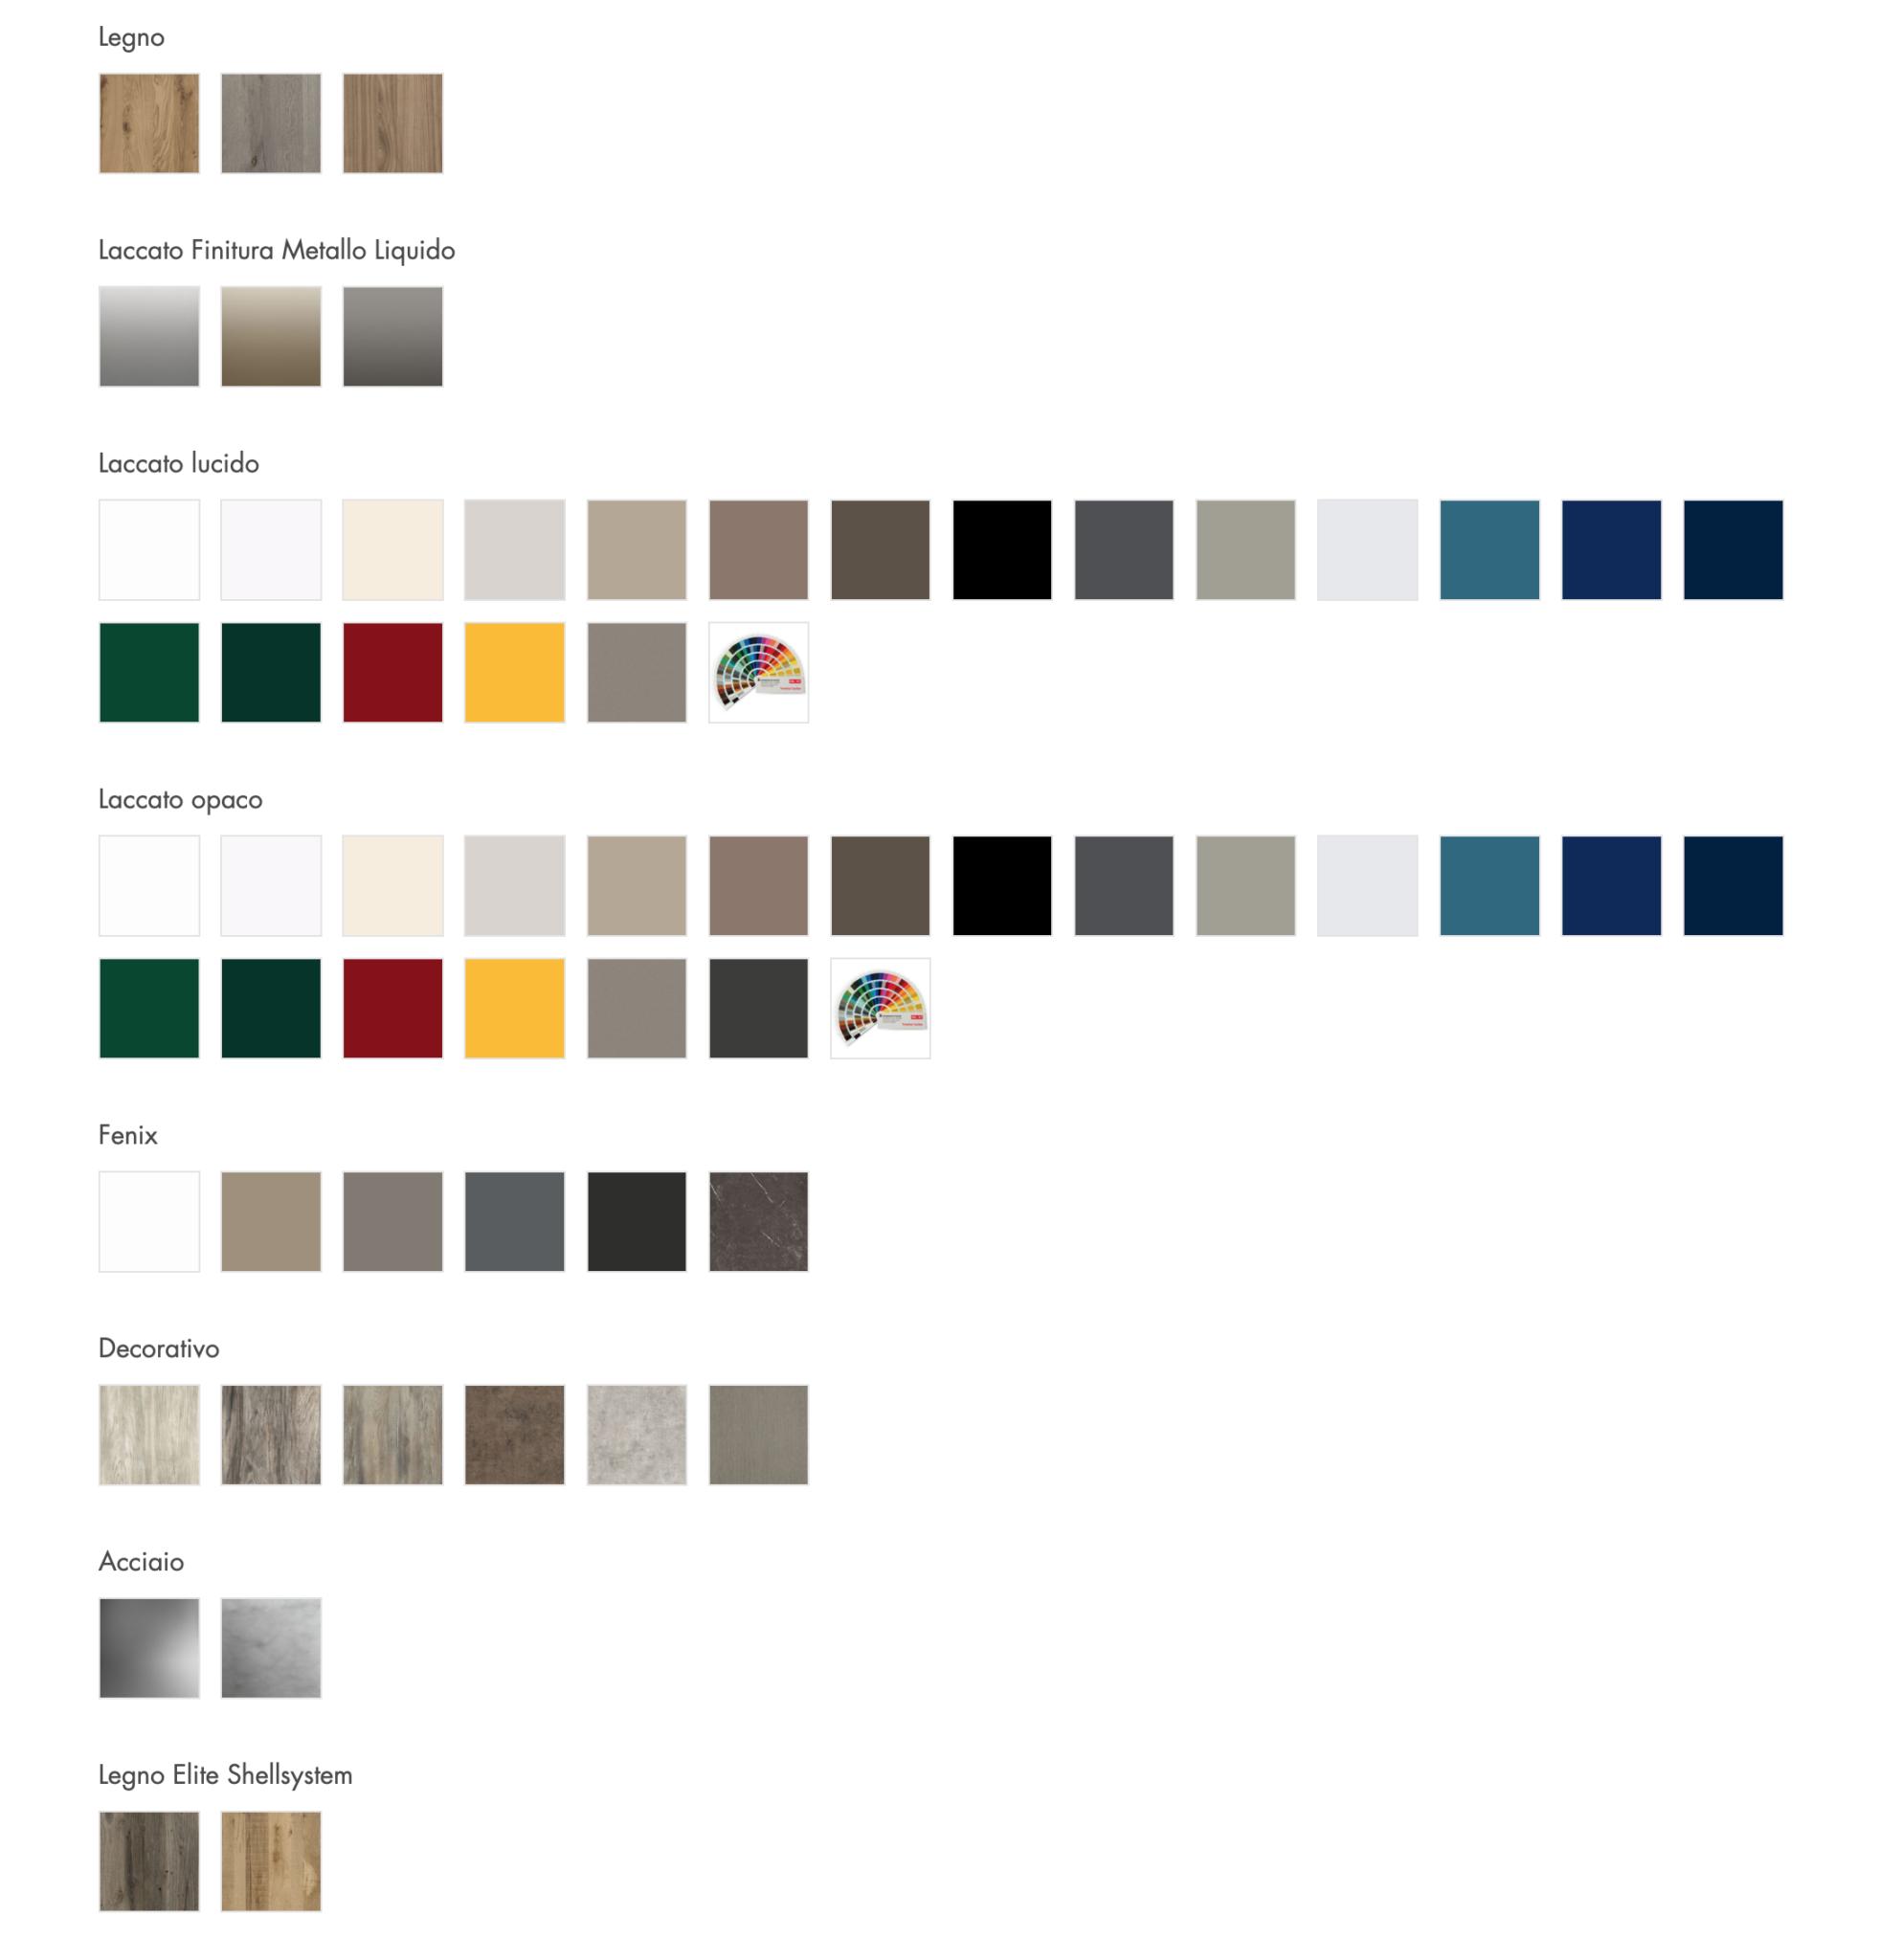 Semeraro Le migliori finiture, i migliori colori da